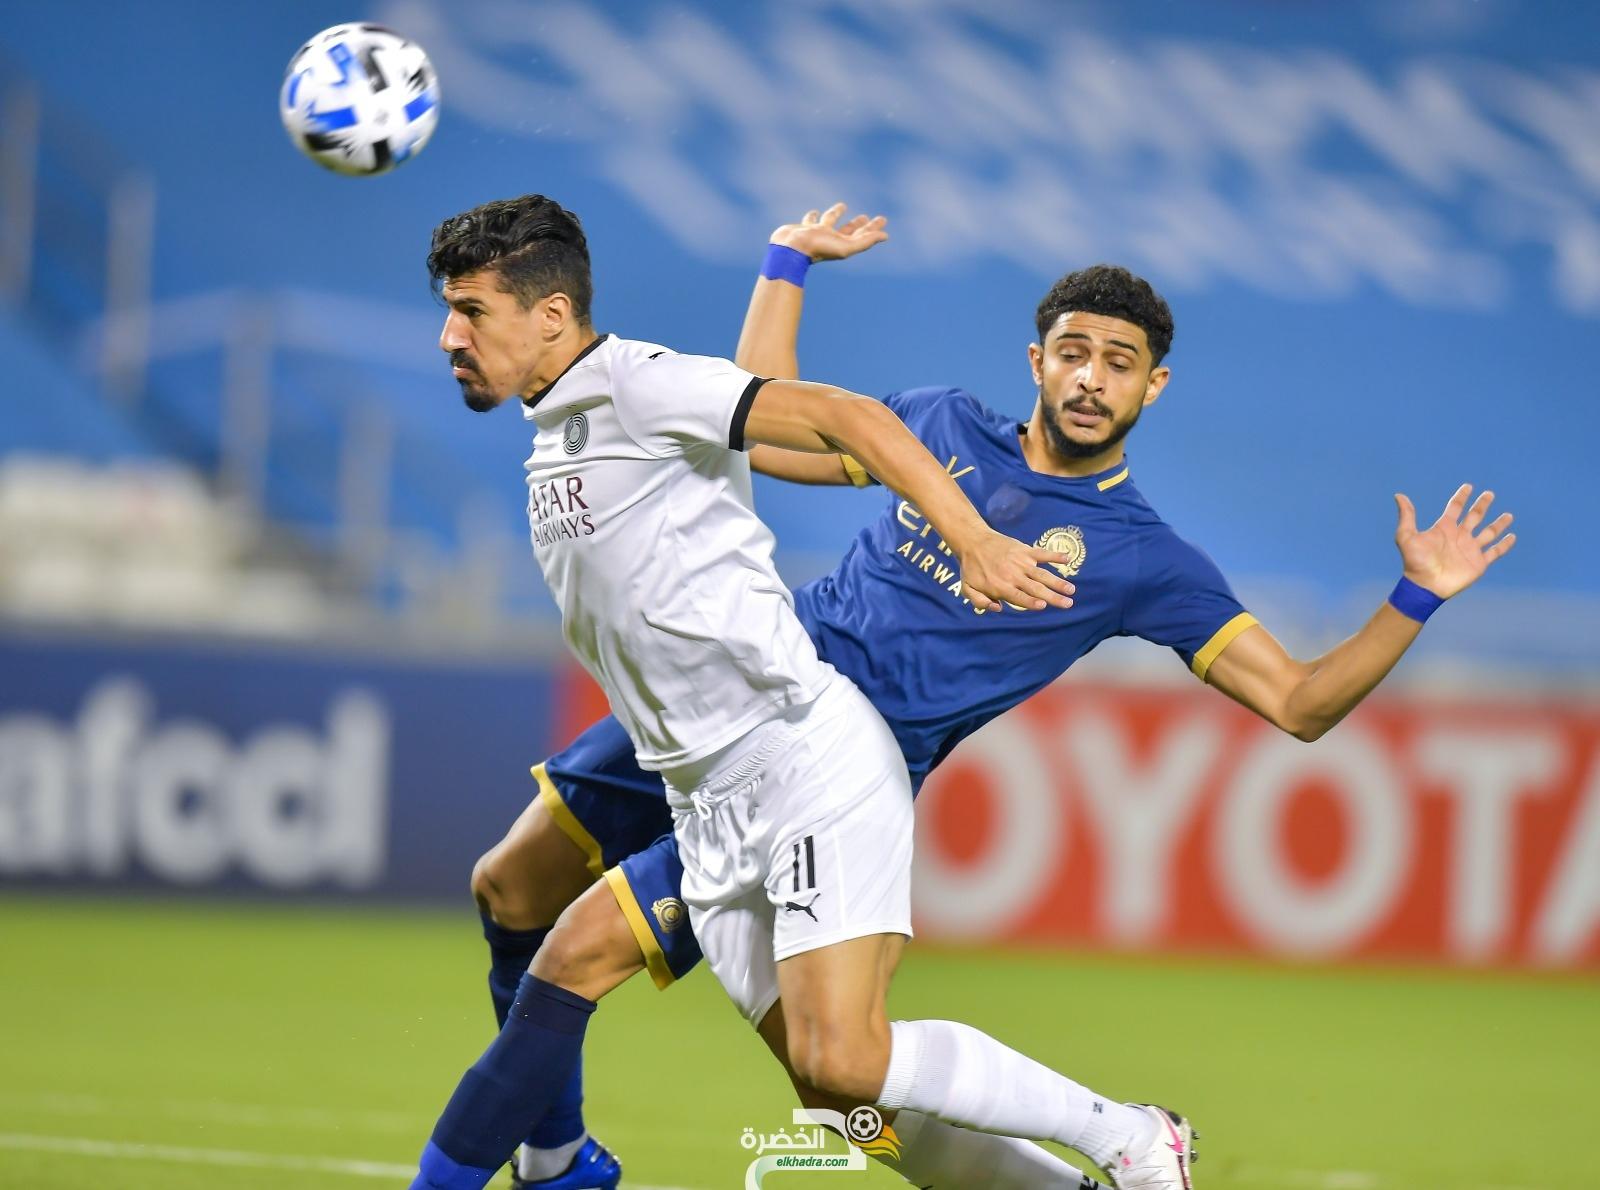 بونجاح هداف ويقود السد لتعادل ثمين امام النصر السعودي 28